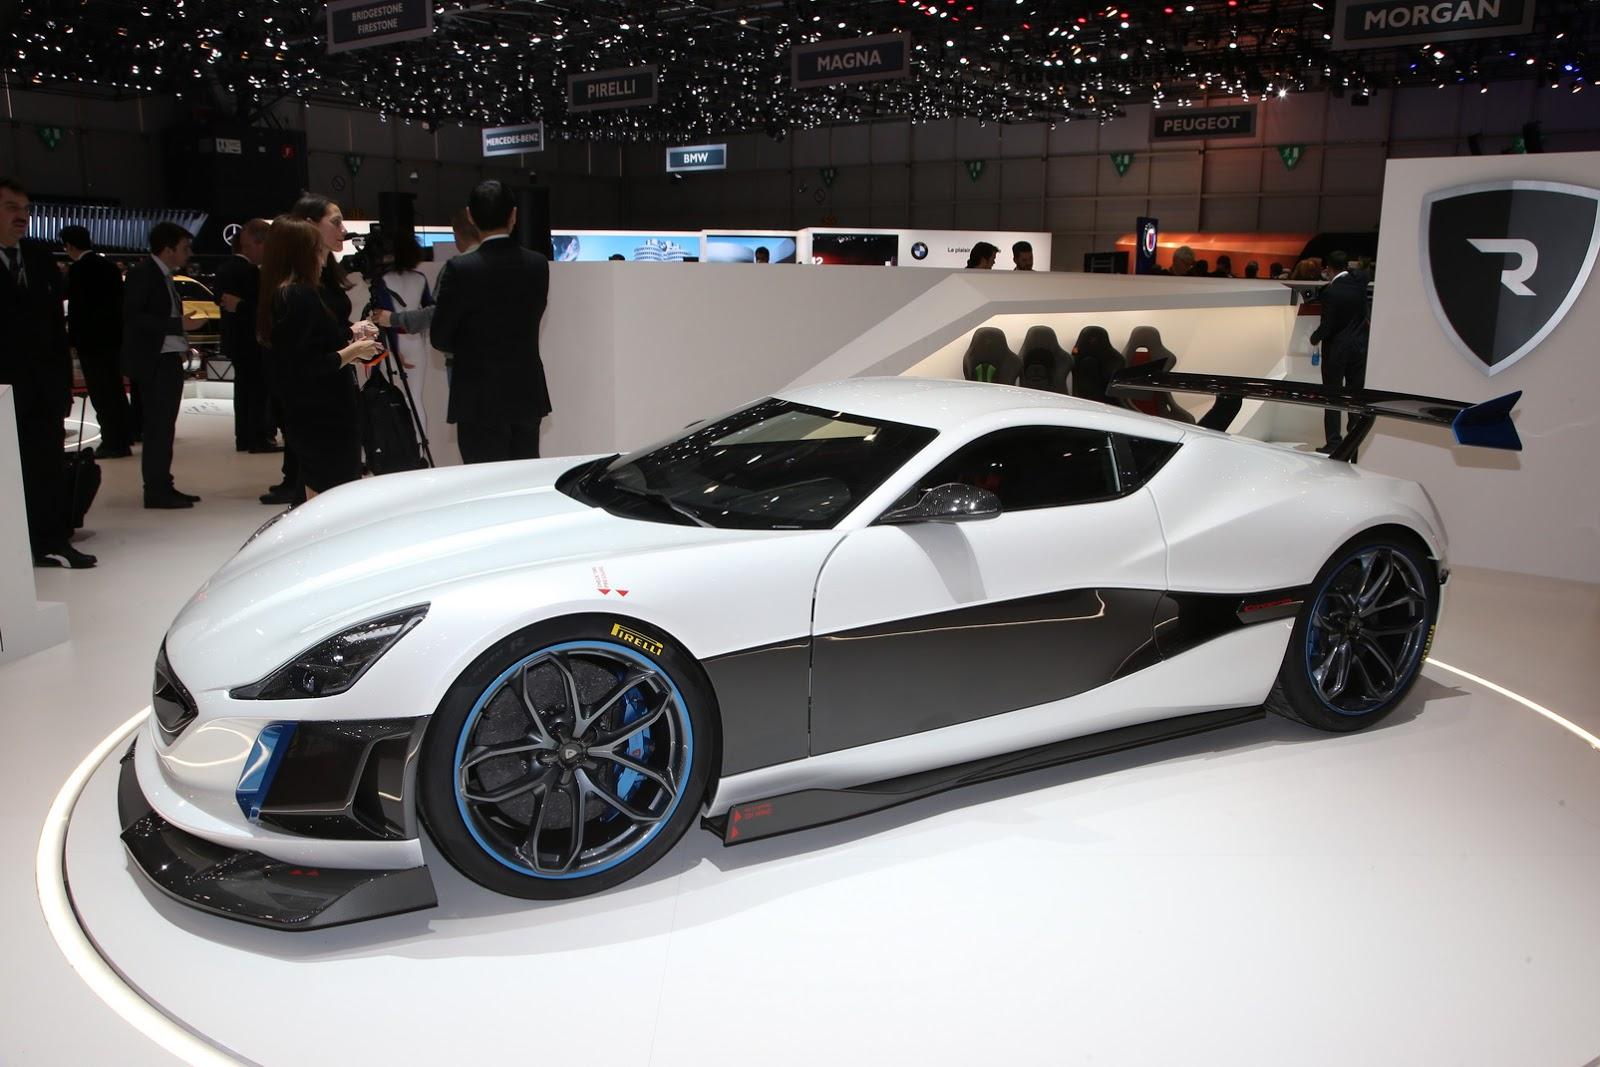 Rimac Concept S thực sự không thua kém bất cứ siêu xe nào tại Geneva Motor Show 2016